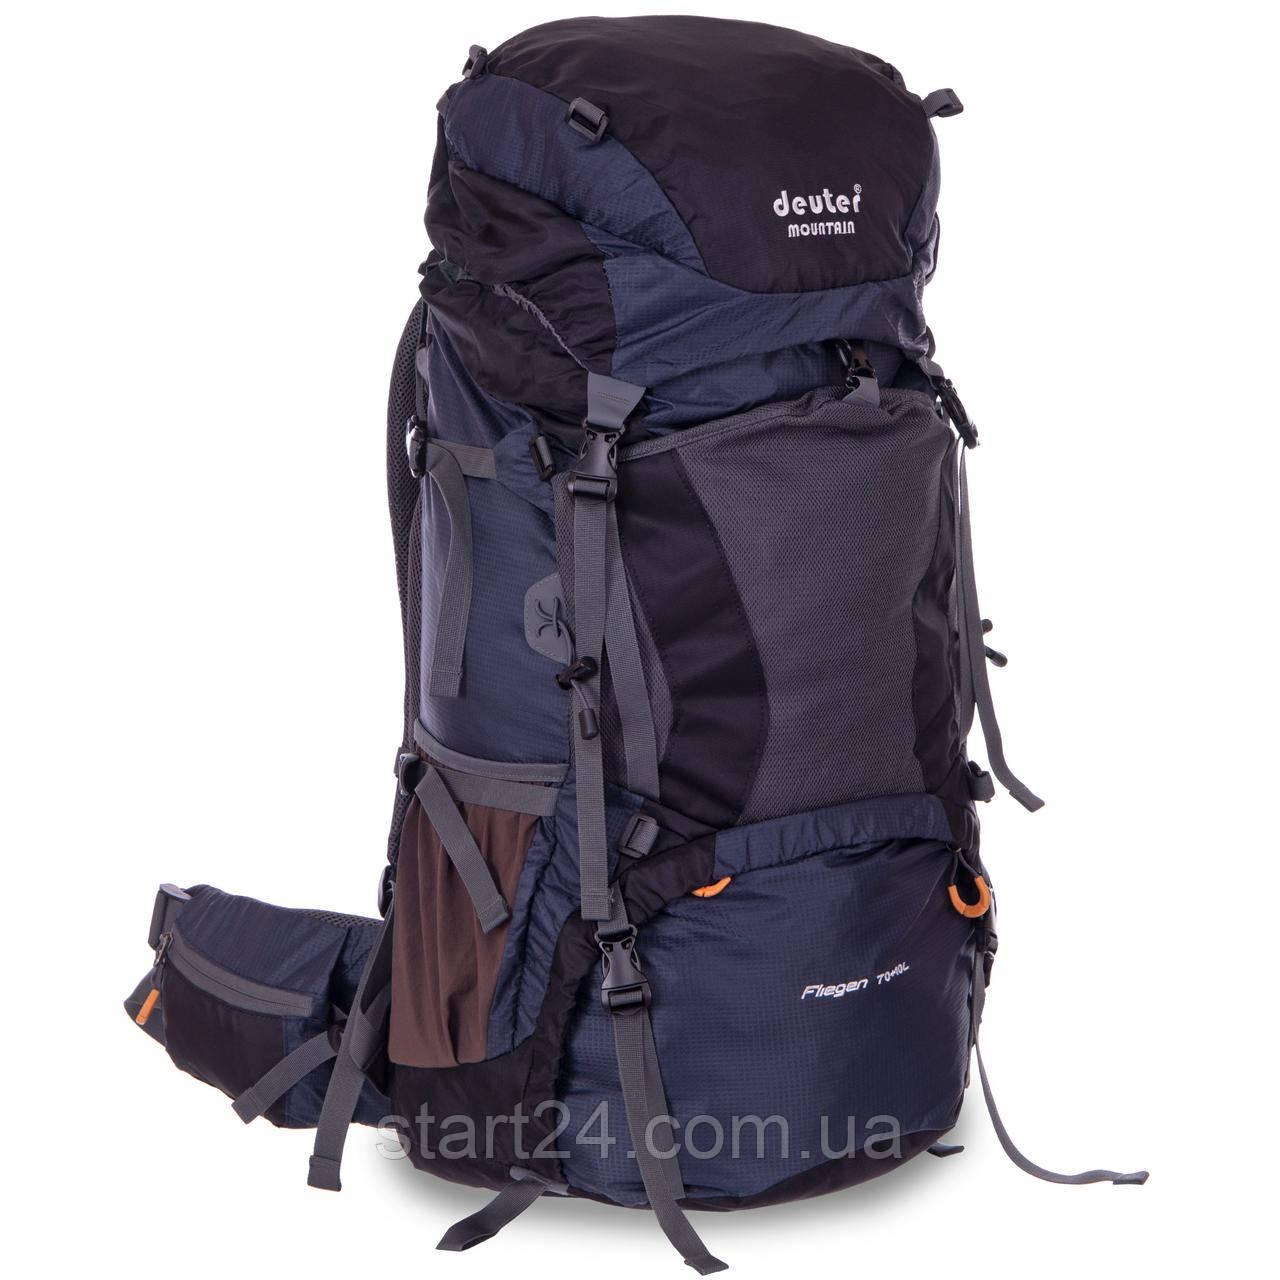 Рюкзак туристический с каркасной спинкой DTR 70+10 литров G70-10 (полиэстер, нейлон, алюминий, размер